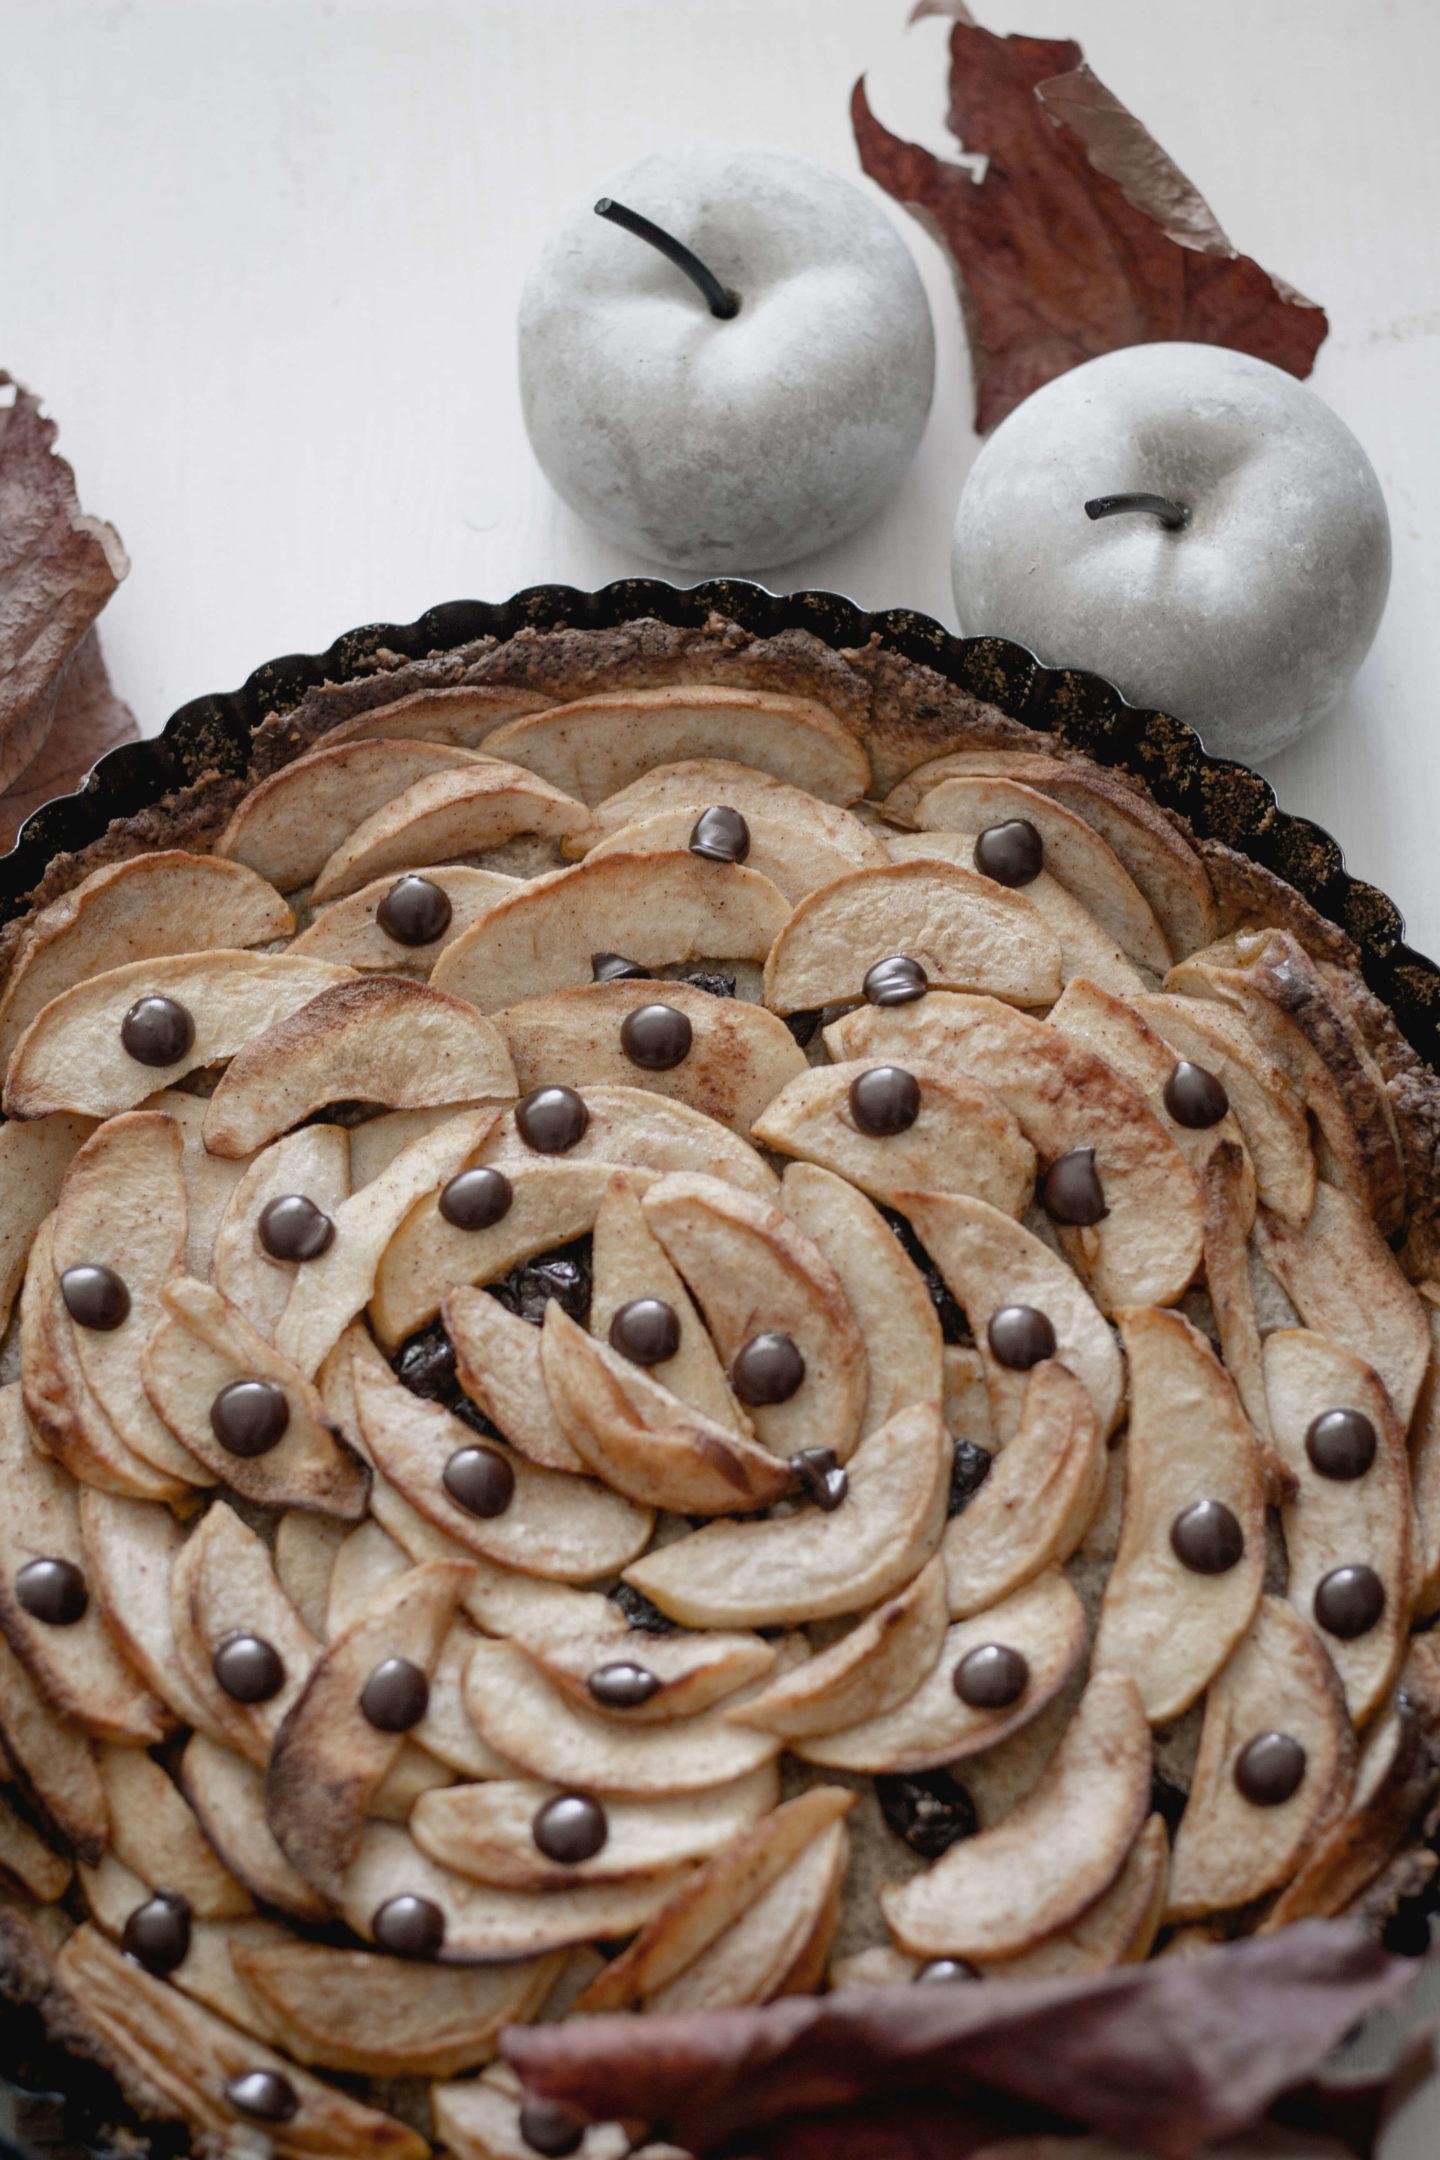 Veganer Apfel-Nusskuchen mit Schokolade - Zuckerfrei